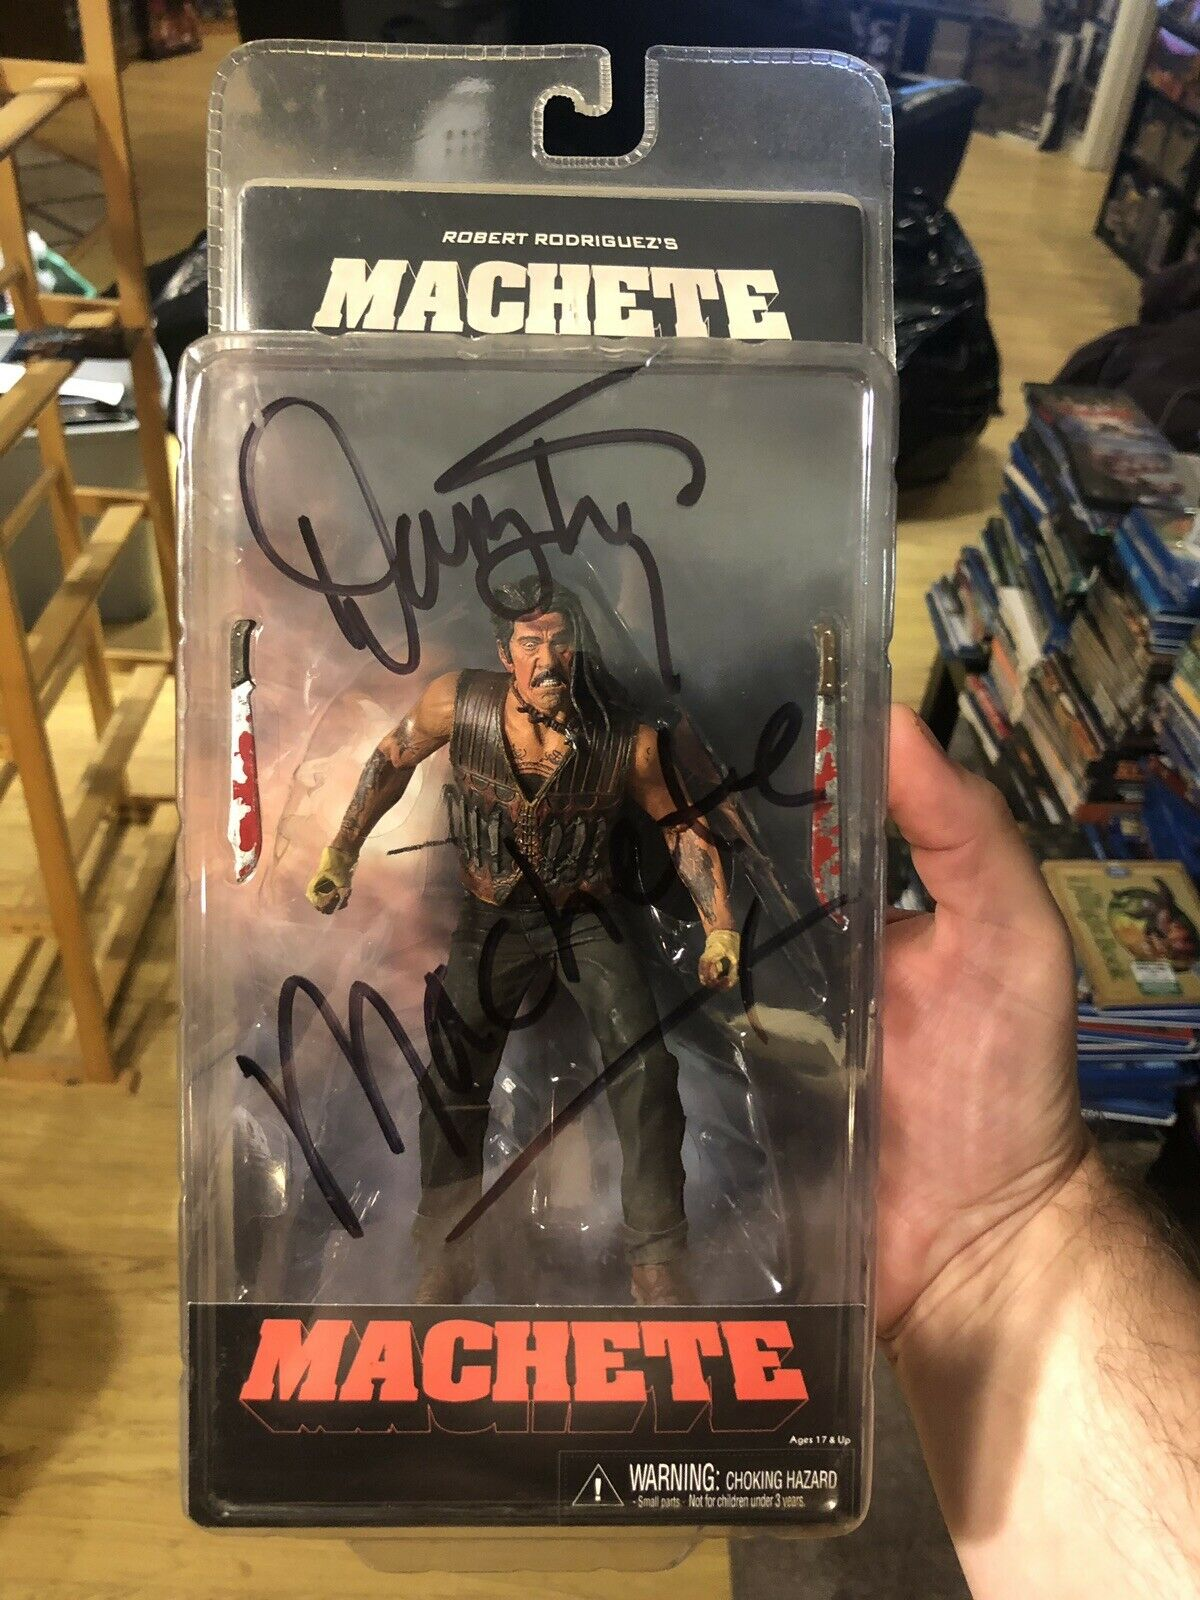 Neca Machete Danny Trejo Hand Signed Action Figure Very Rare Signed In Person